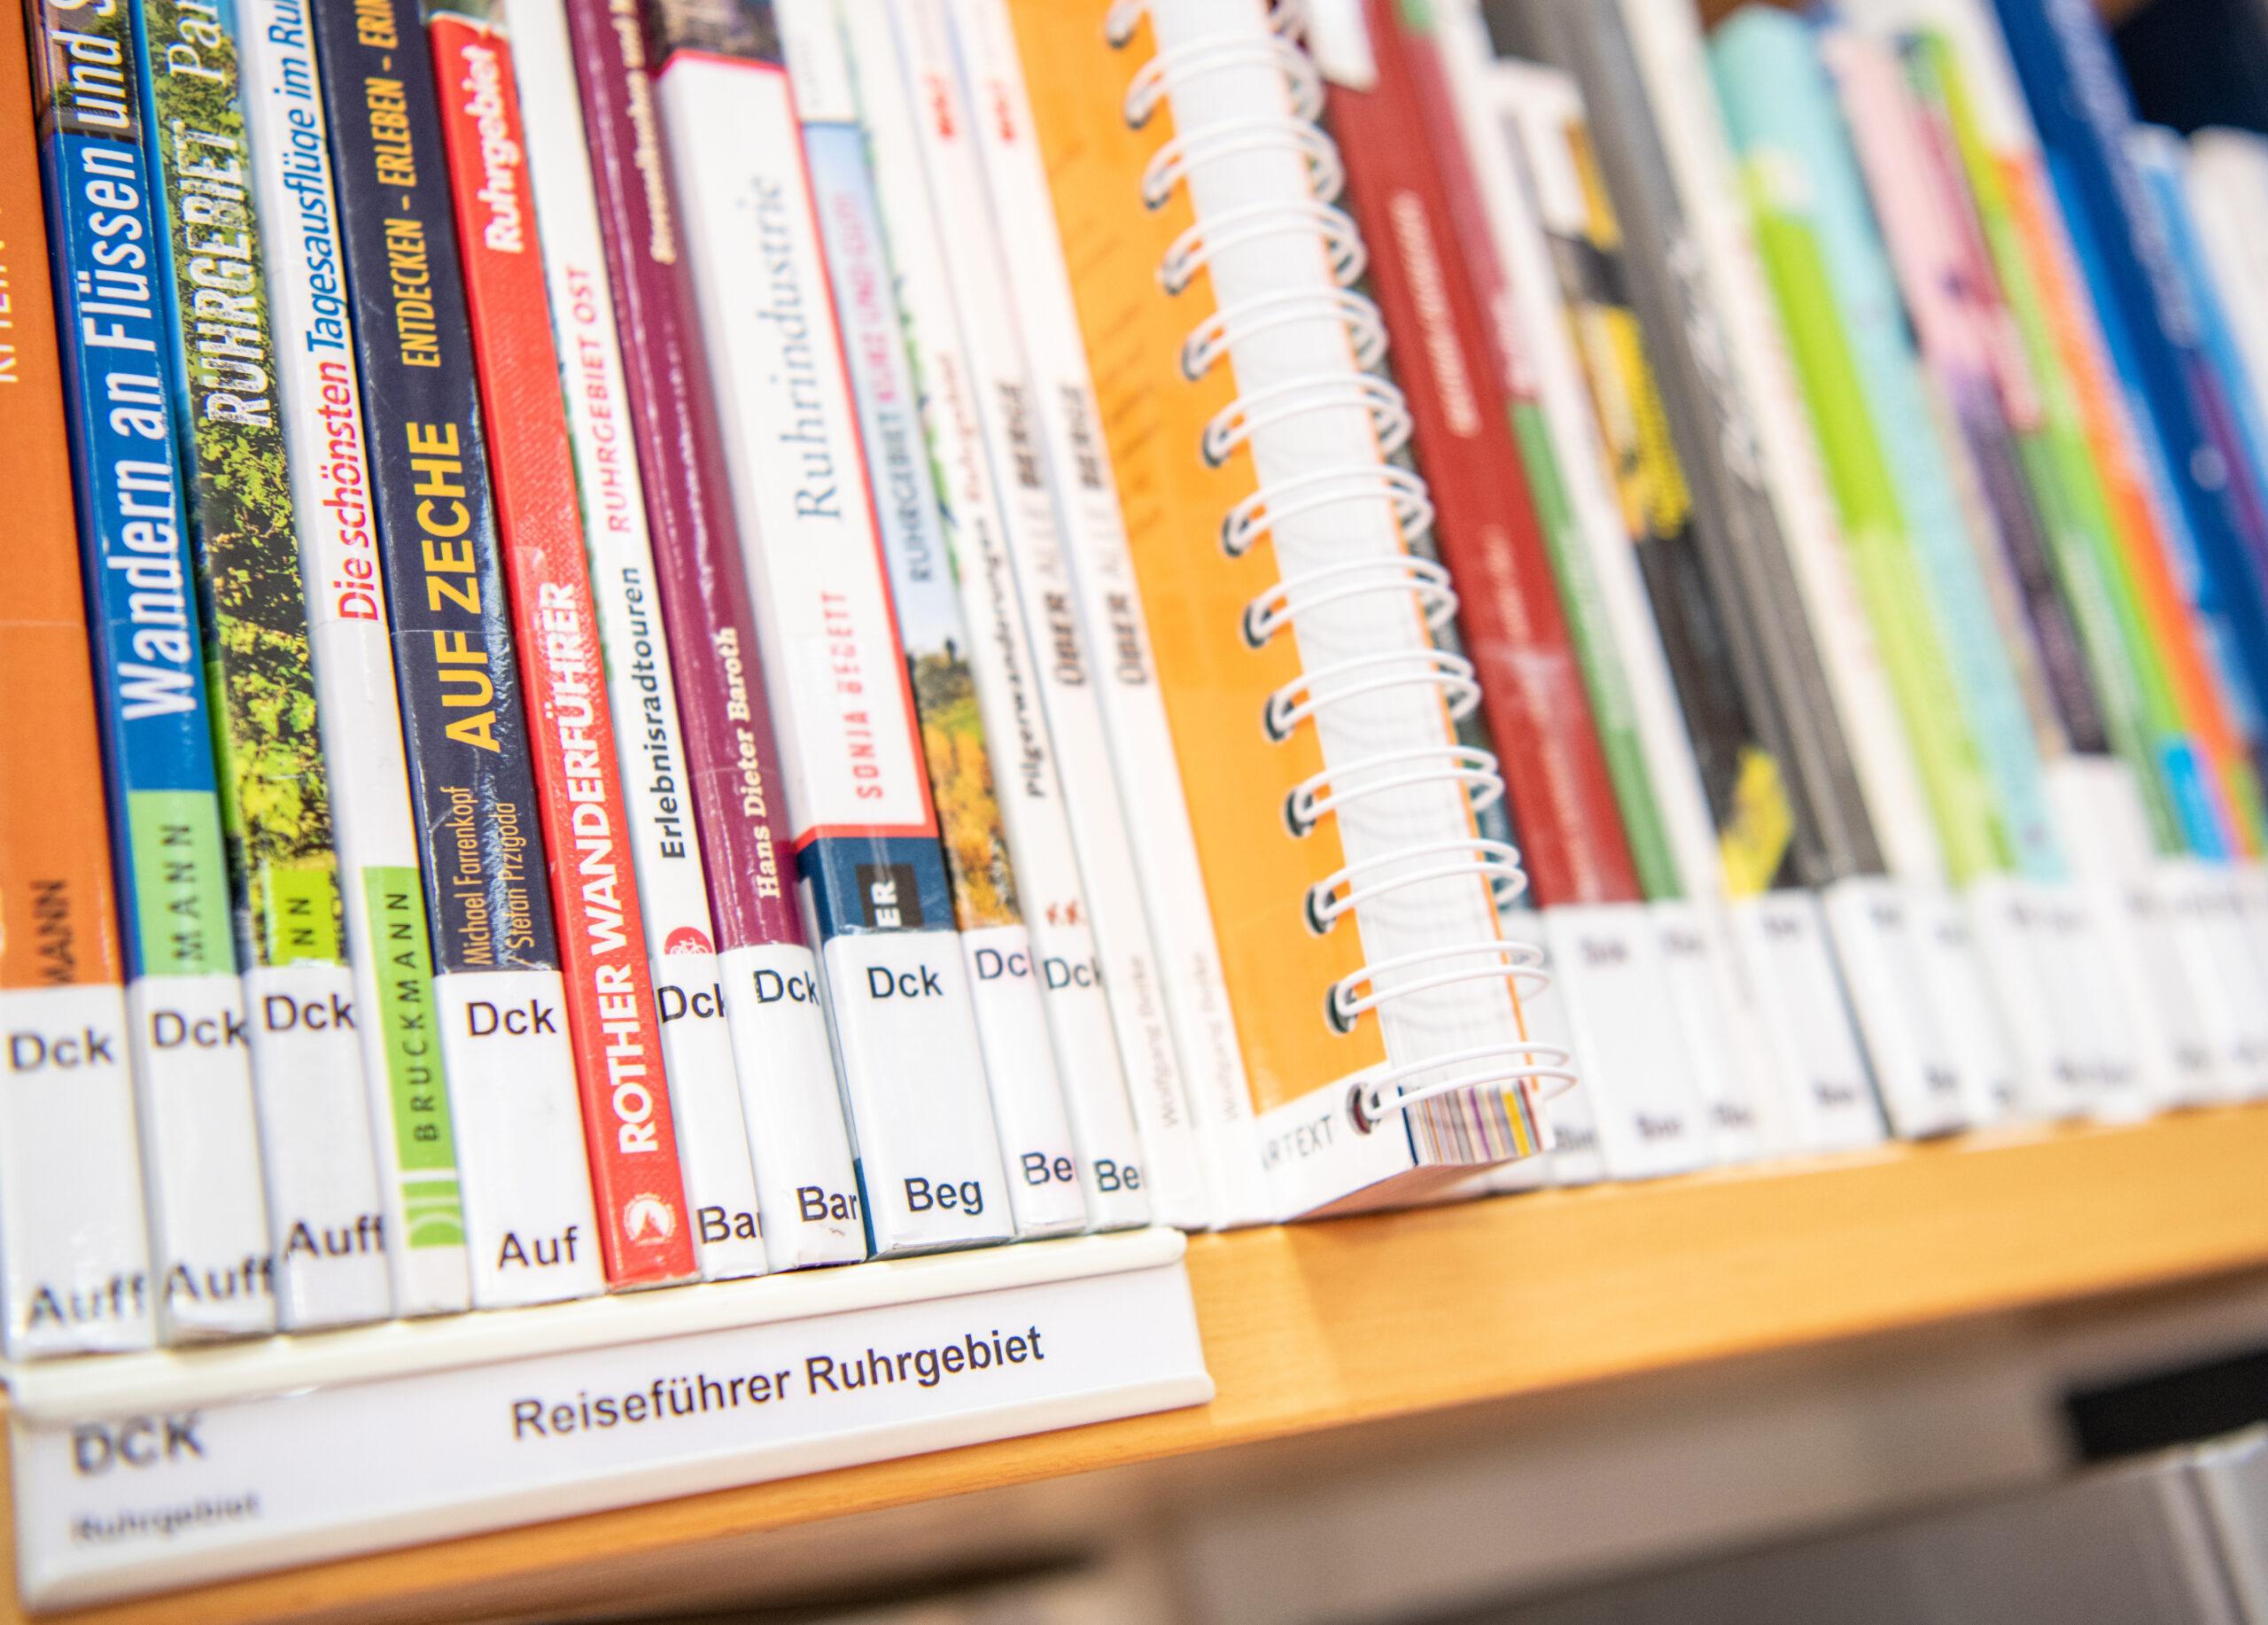 Medien in der Zentralbibliothek am 20.12.2019. in Gelsenkirchen. Foto: Stadt Gelsenkirchen/ Caroline Seidel